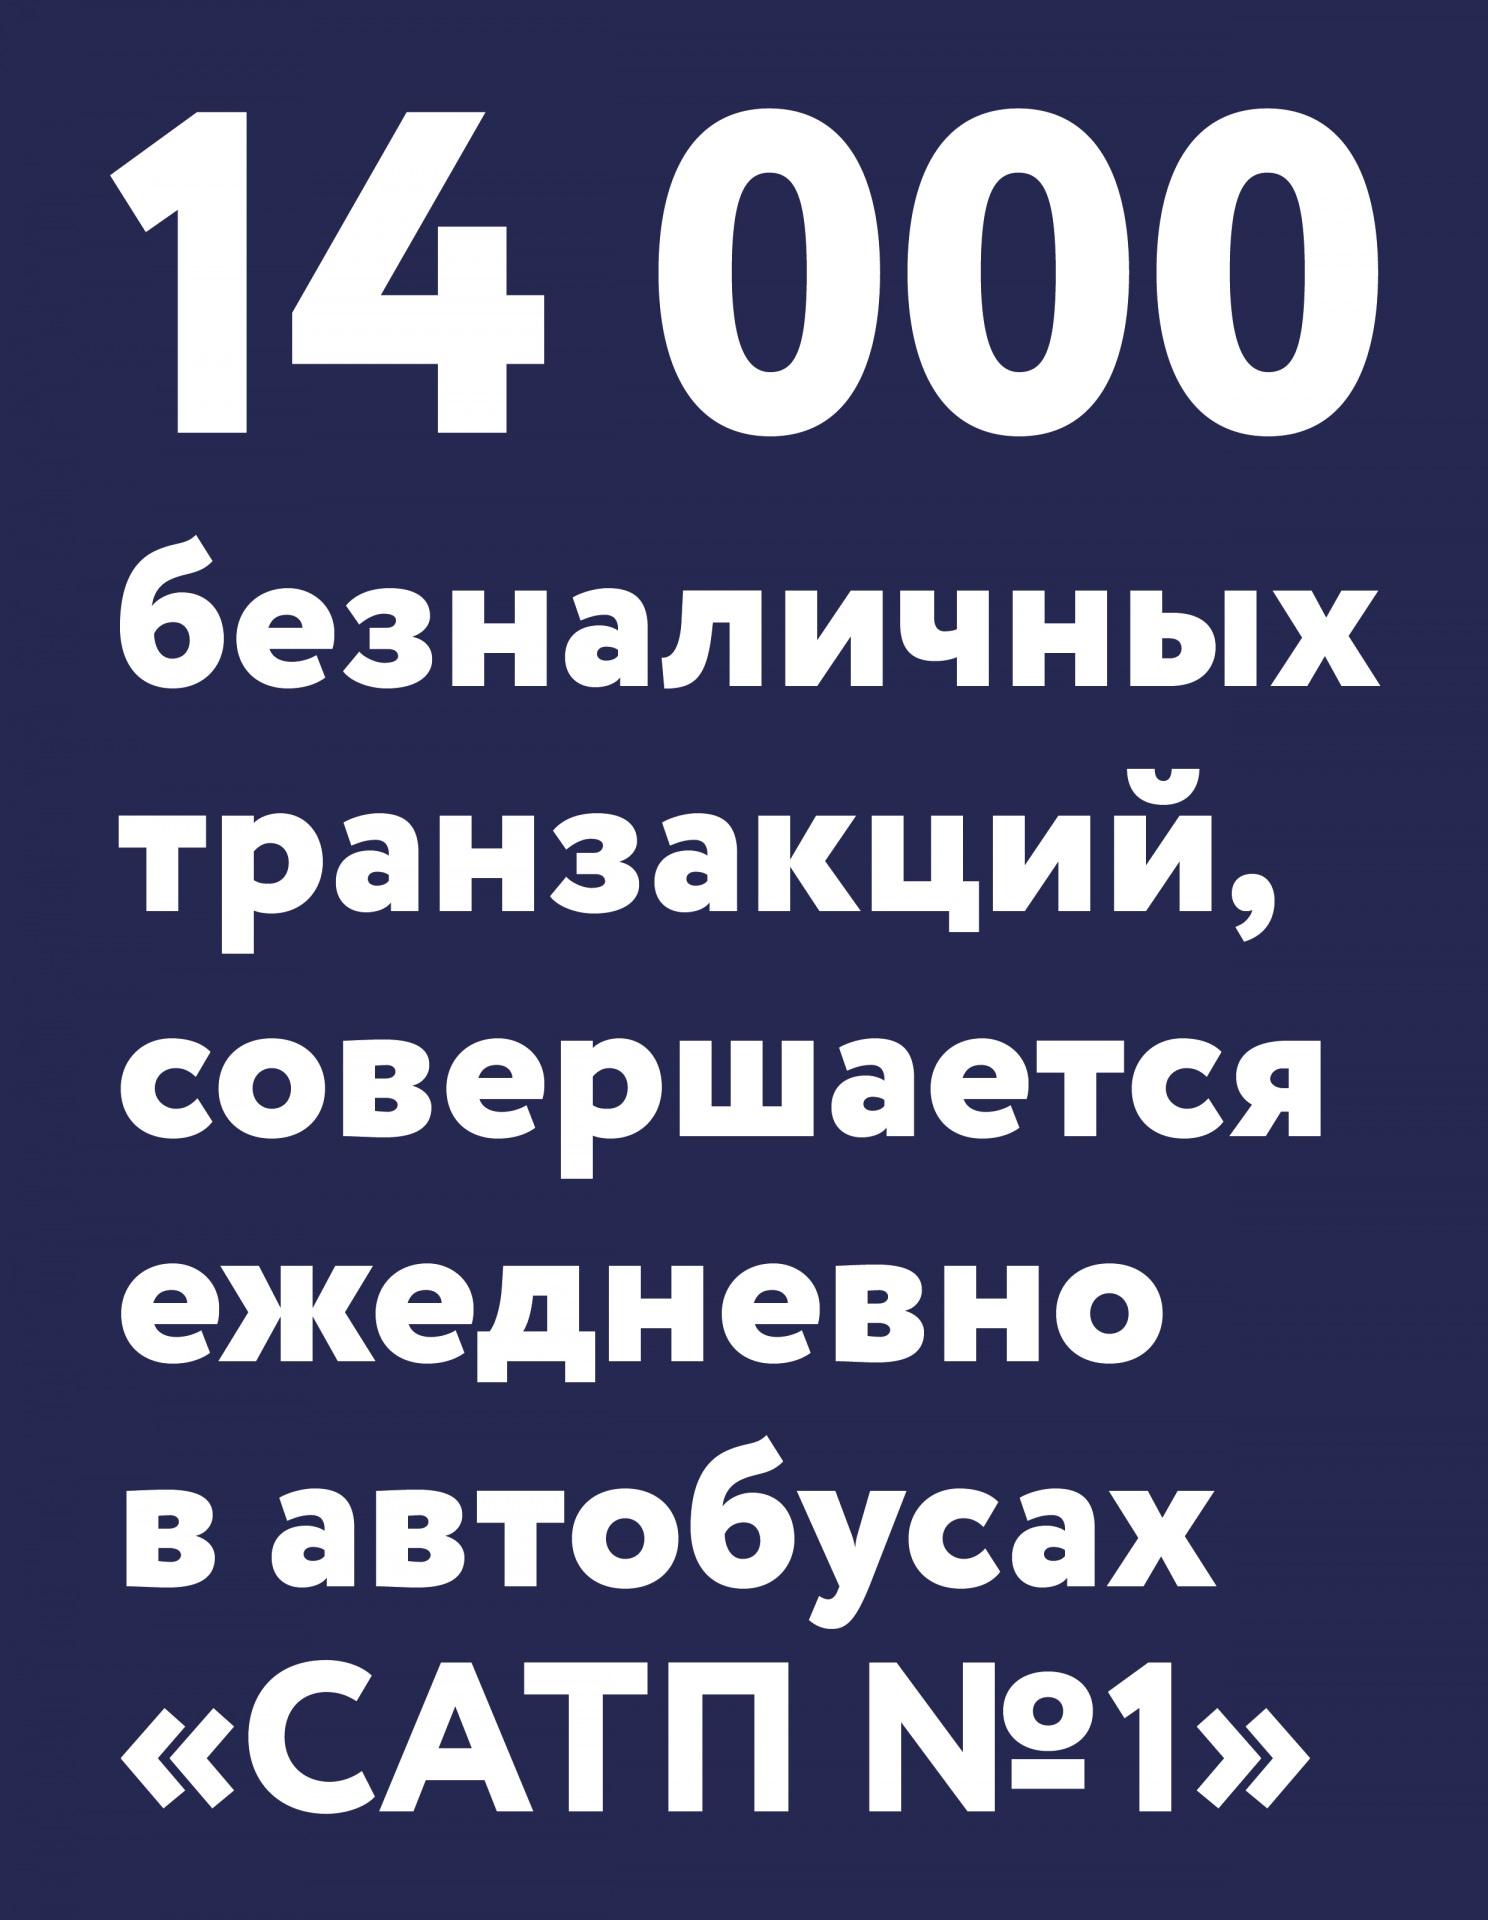 14-000-01-01.jpg